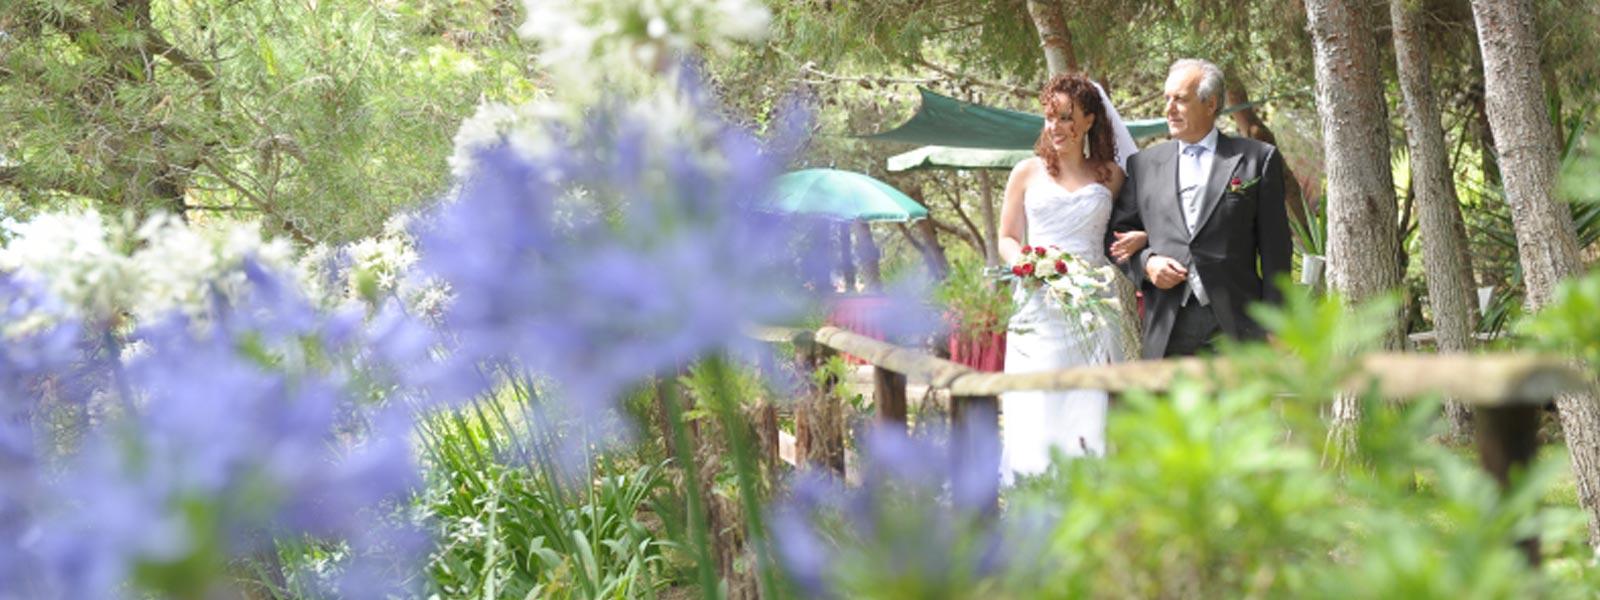 05-quinta-da-barreta-casamentos-home-1600x600-001